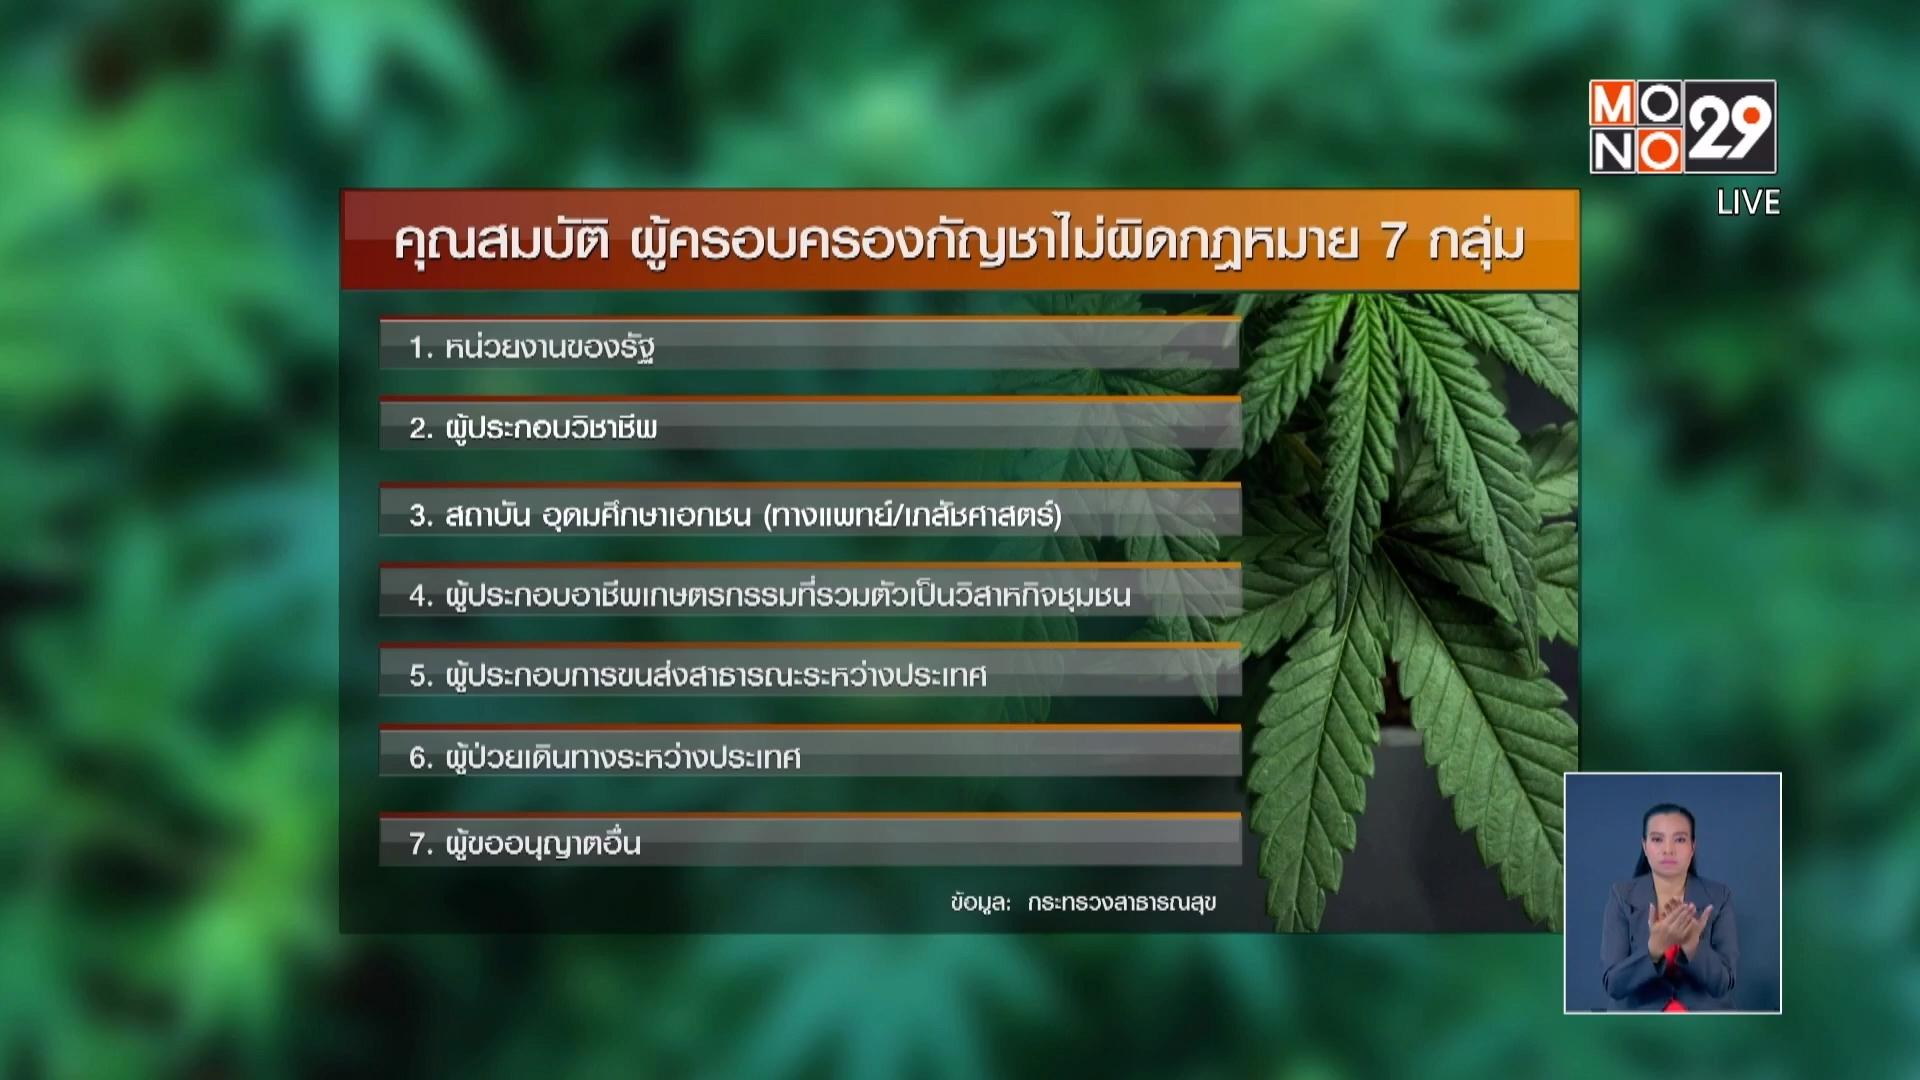 กฎหมายยาเสพติด กระทรวงสาธารณสุข กัญชา ข่าวMono29